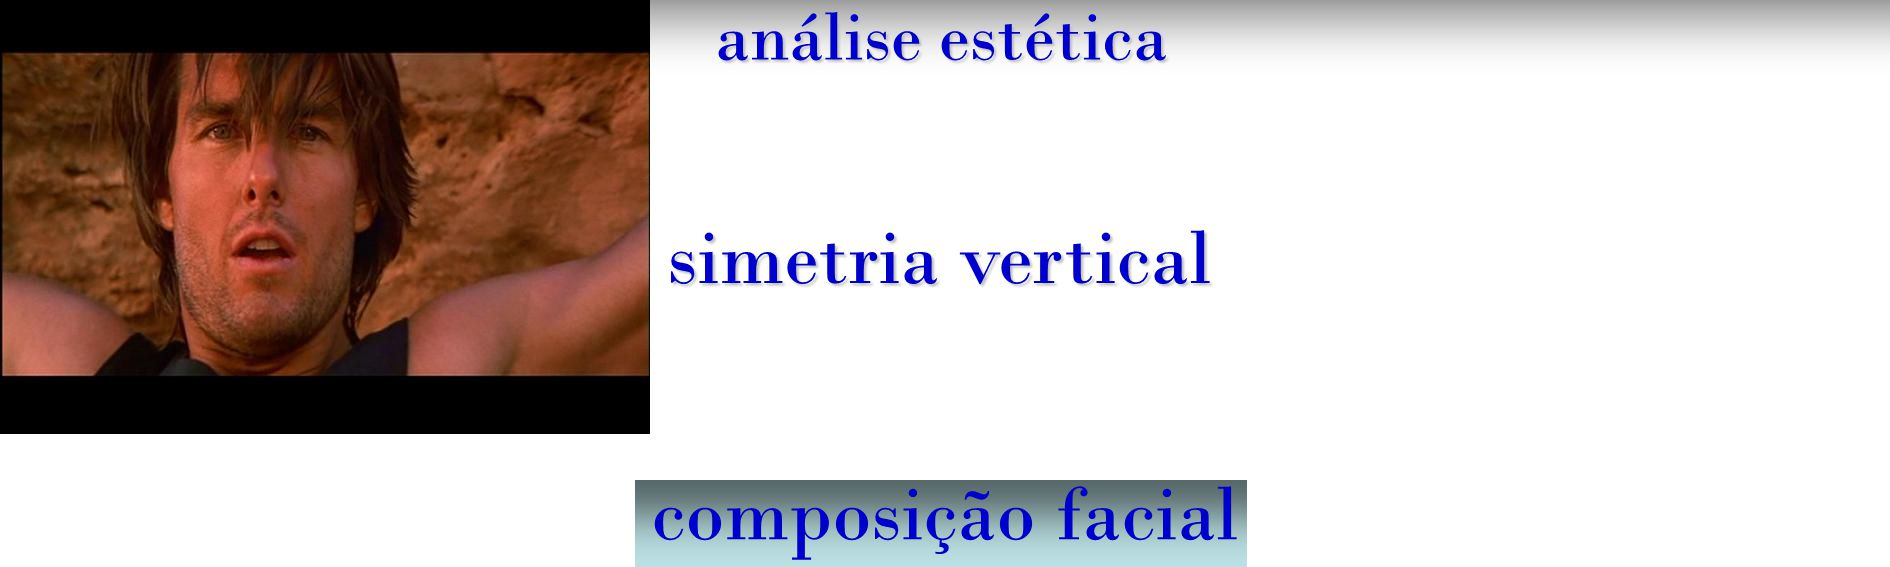 análise estética simetria vertical composição facial